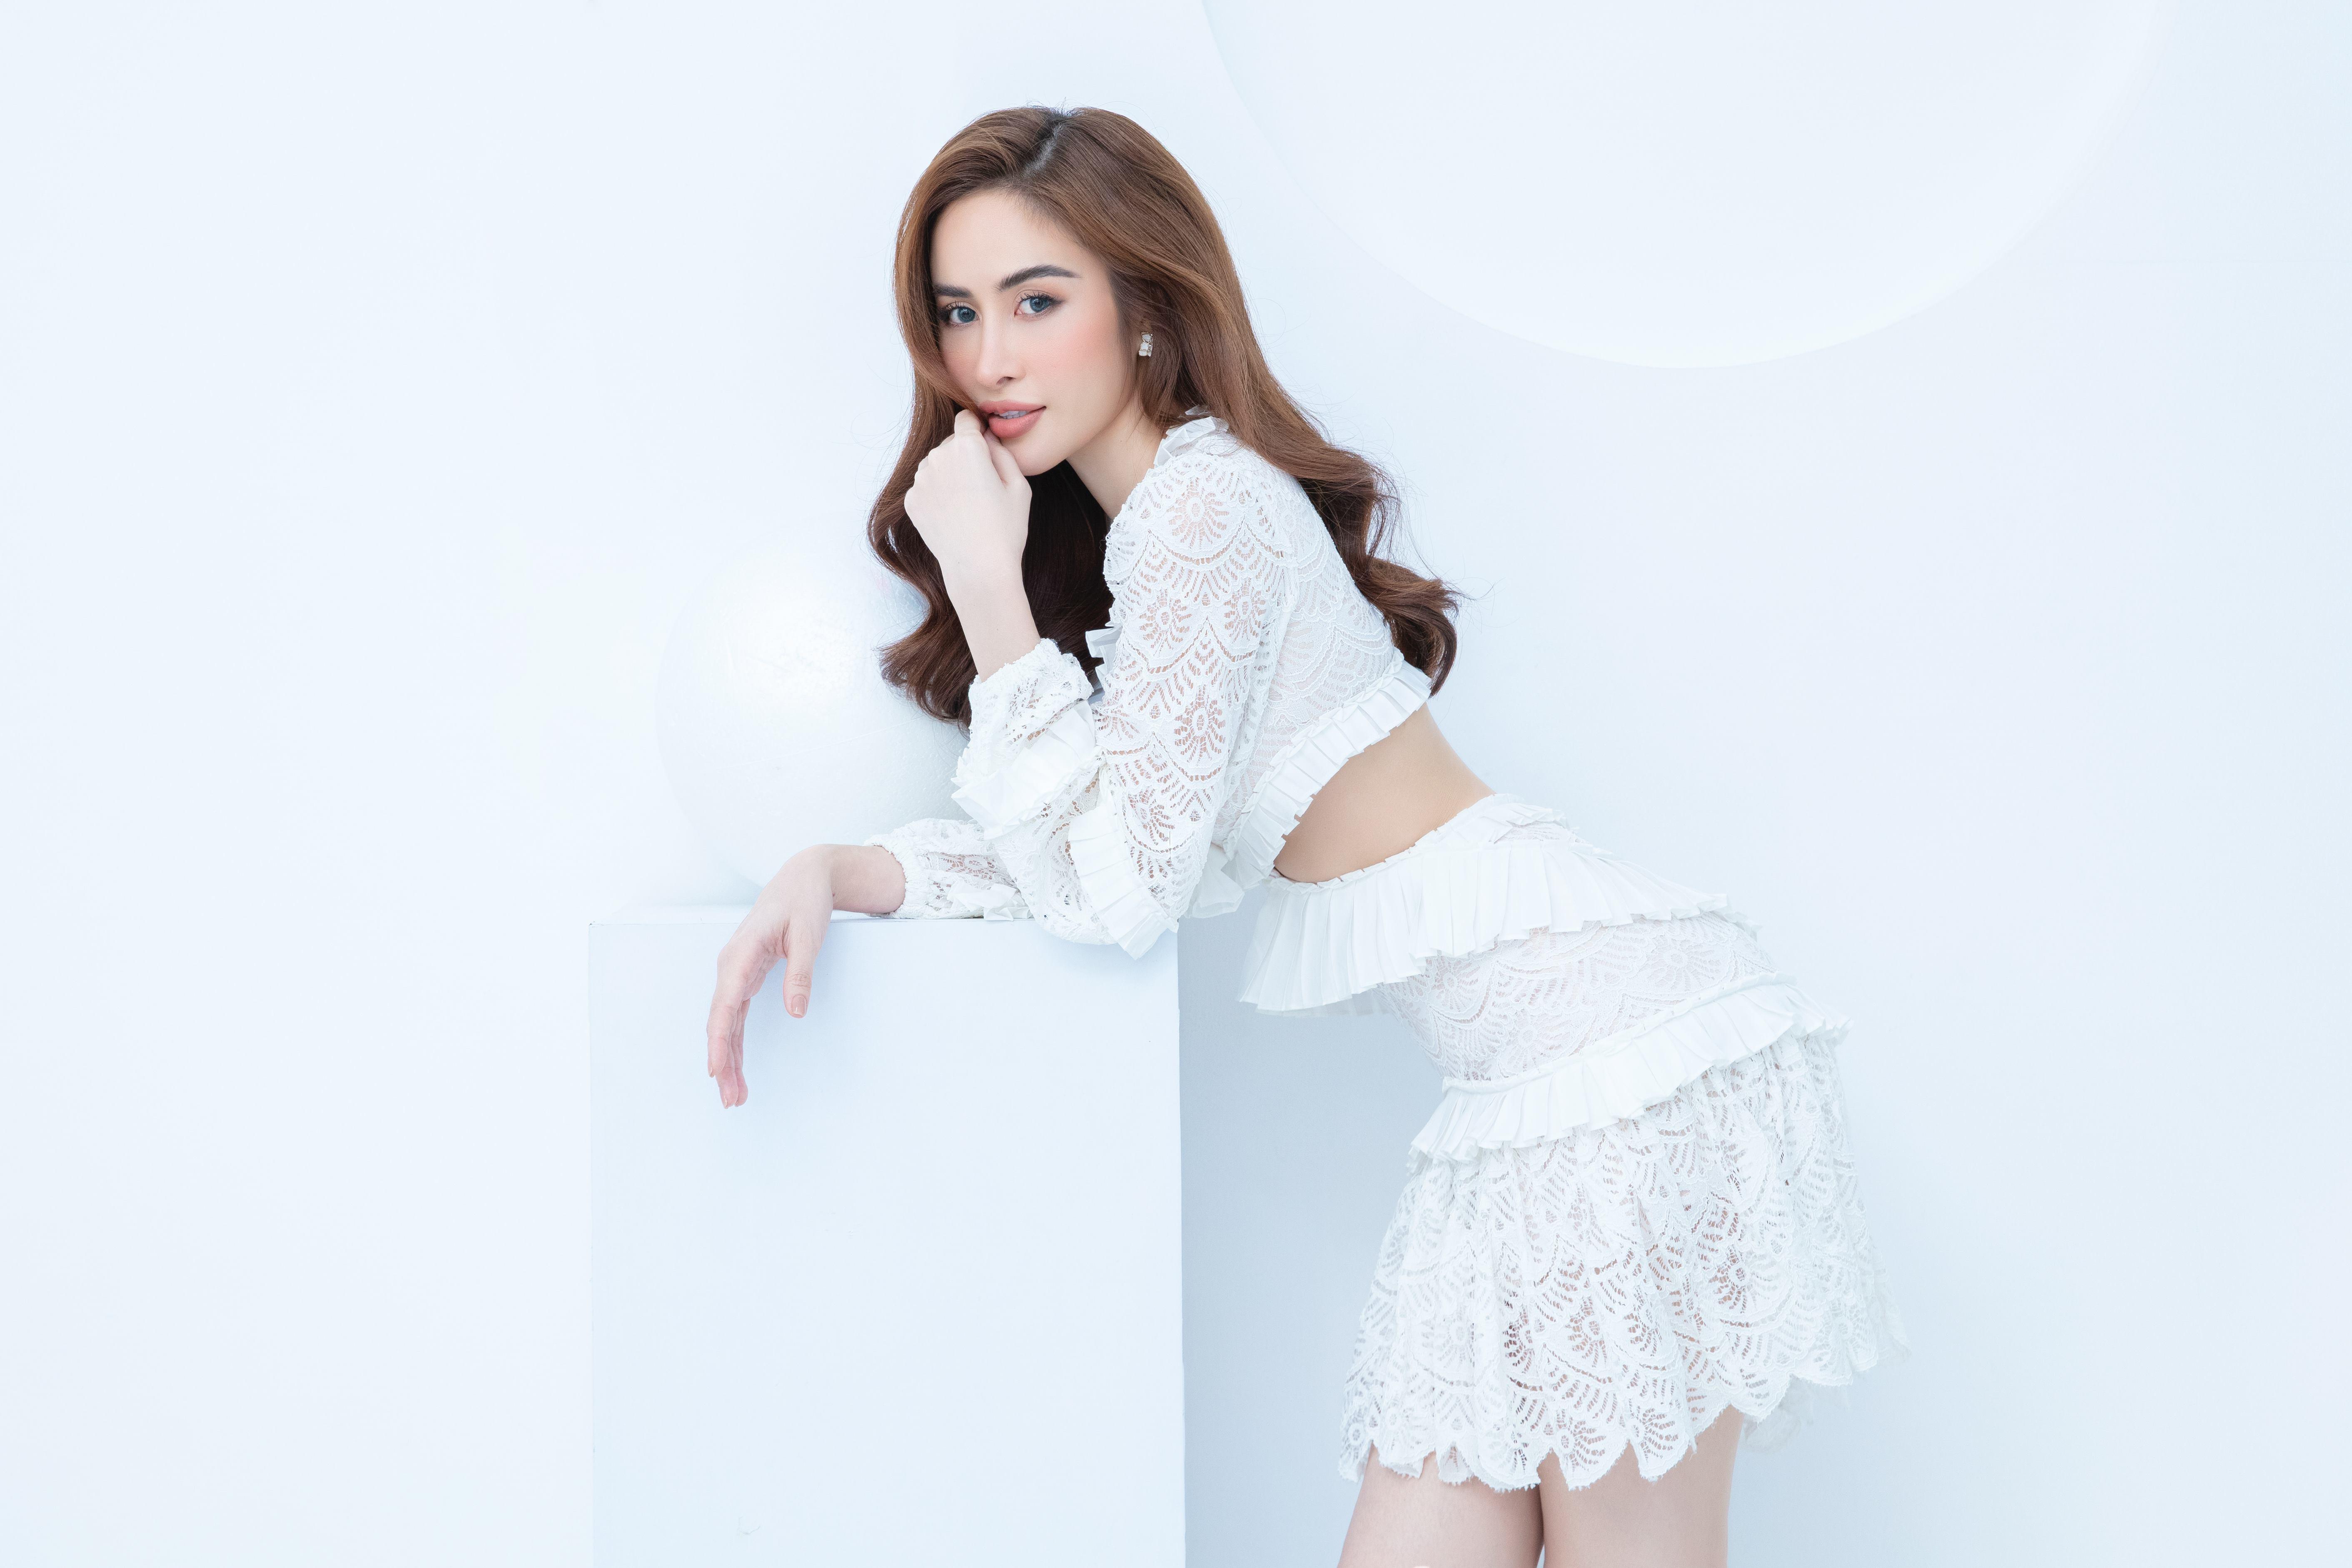 Hoa hậu quê Bạc Liêu khoe body nóng bỏng - 3